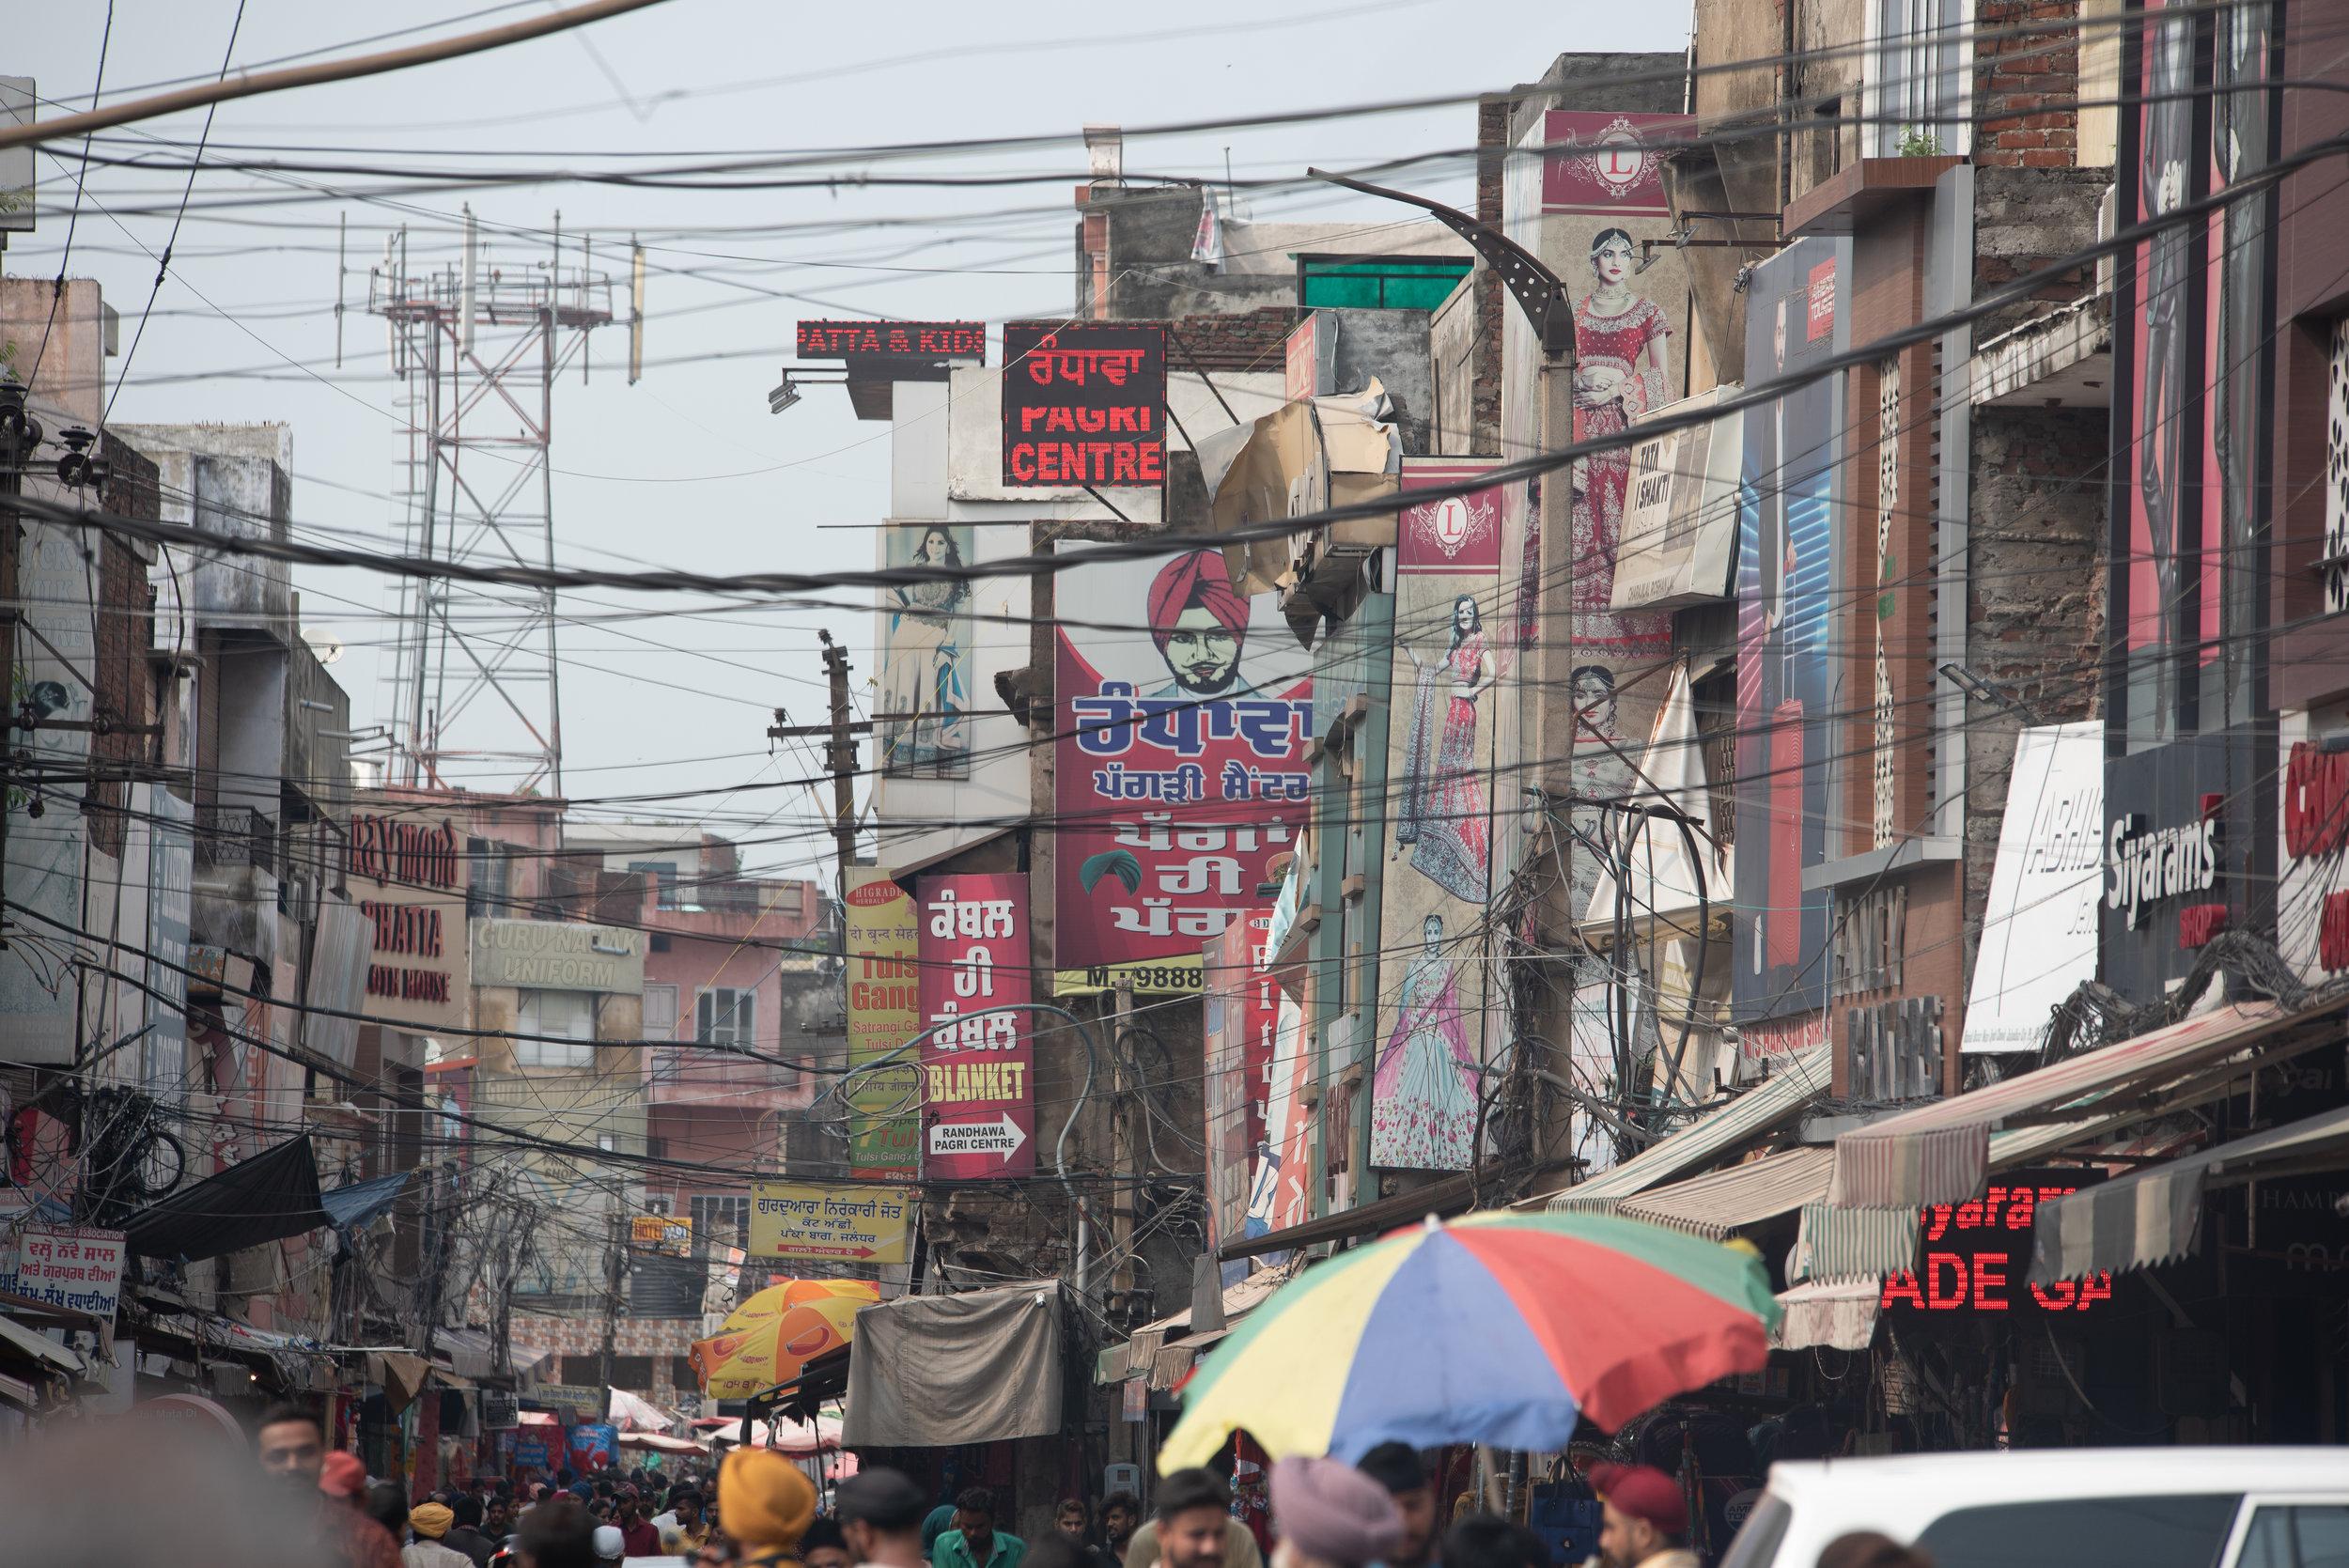 Jalandhar's Sudama market